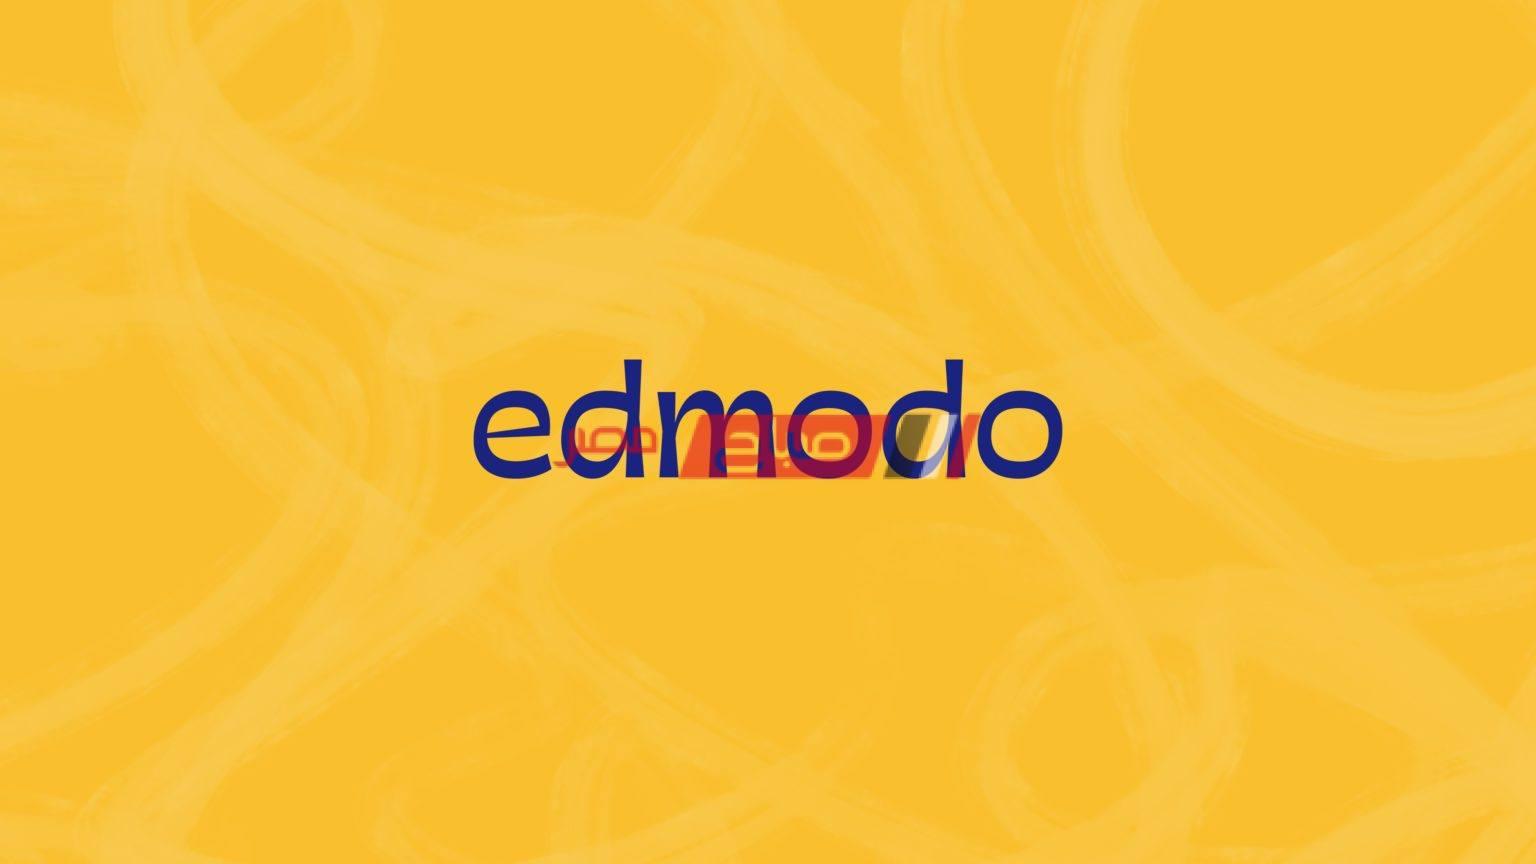 التسجيل على منصة Edmodo التعليمية للحصول على كود الطالب وتقديم الابحاث - موقع صباح مصر